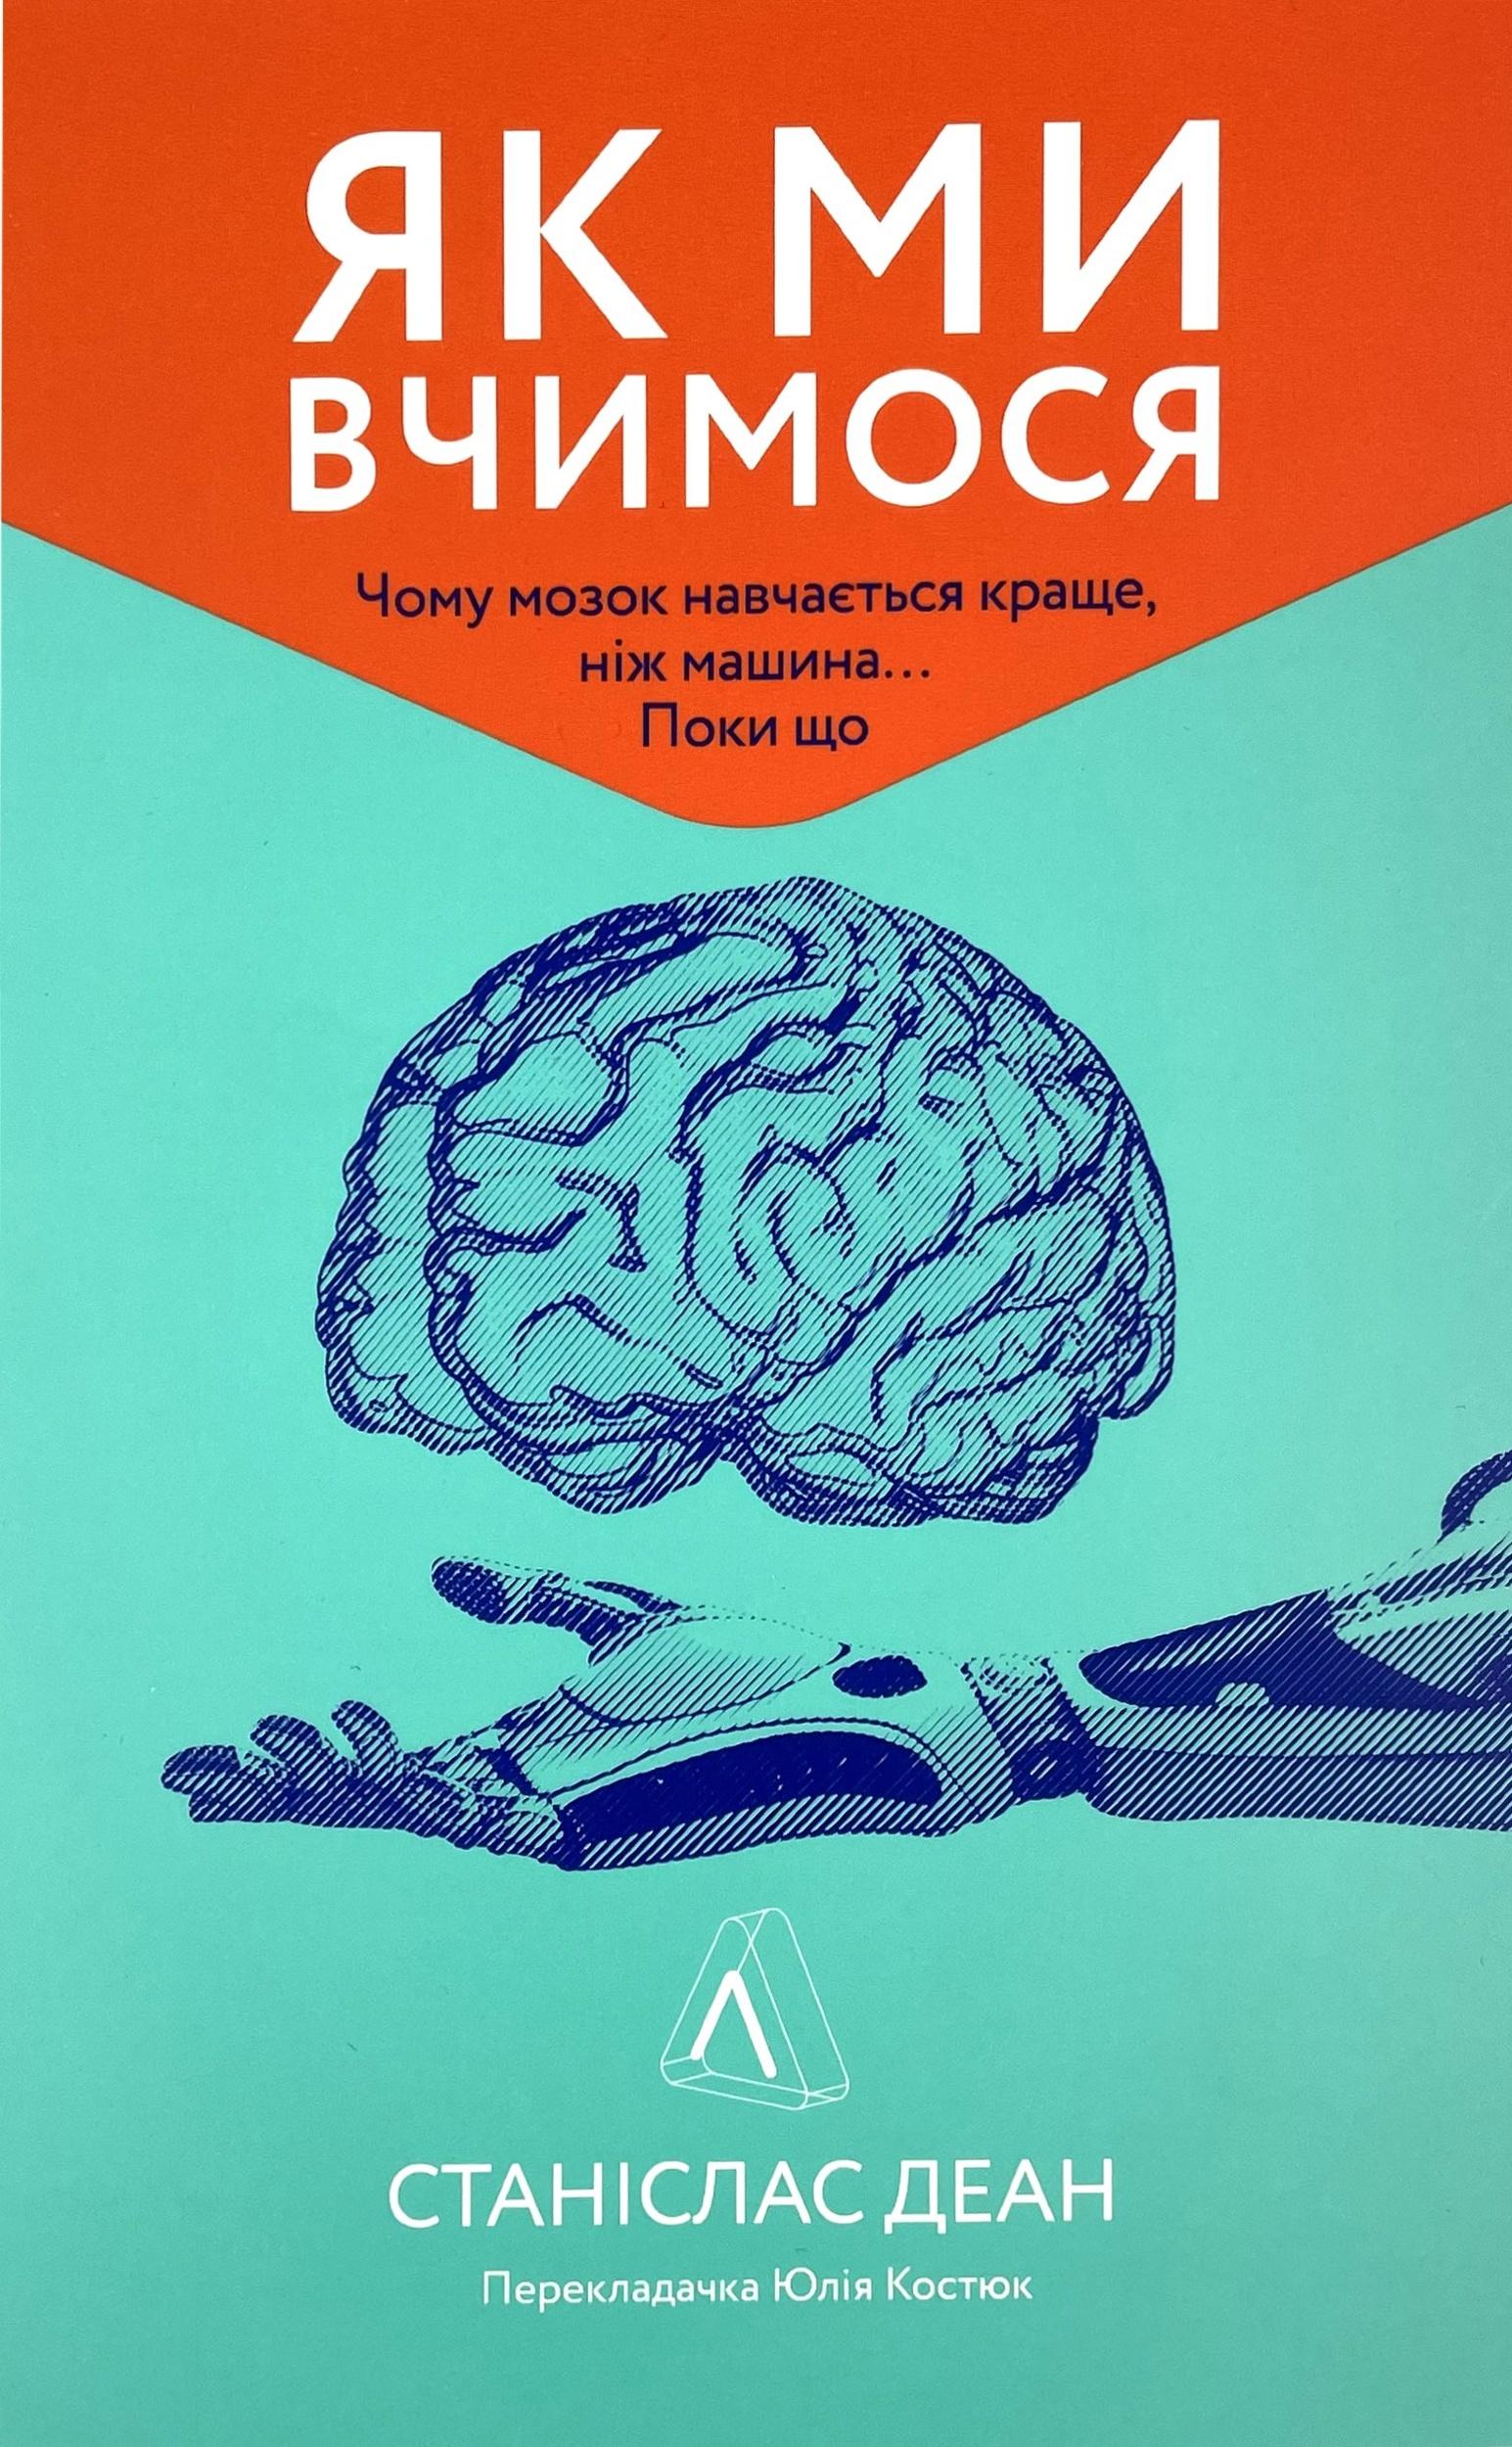 Як ми вчимося. Чому мозок навчається краще, ніж машина… Поки що